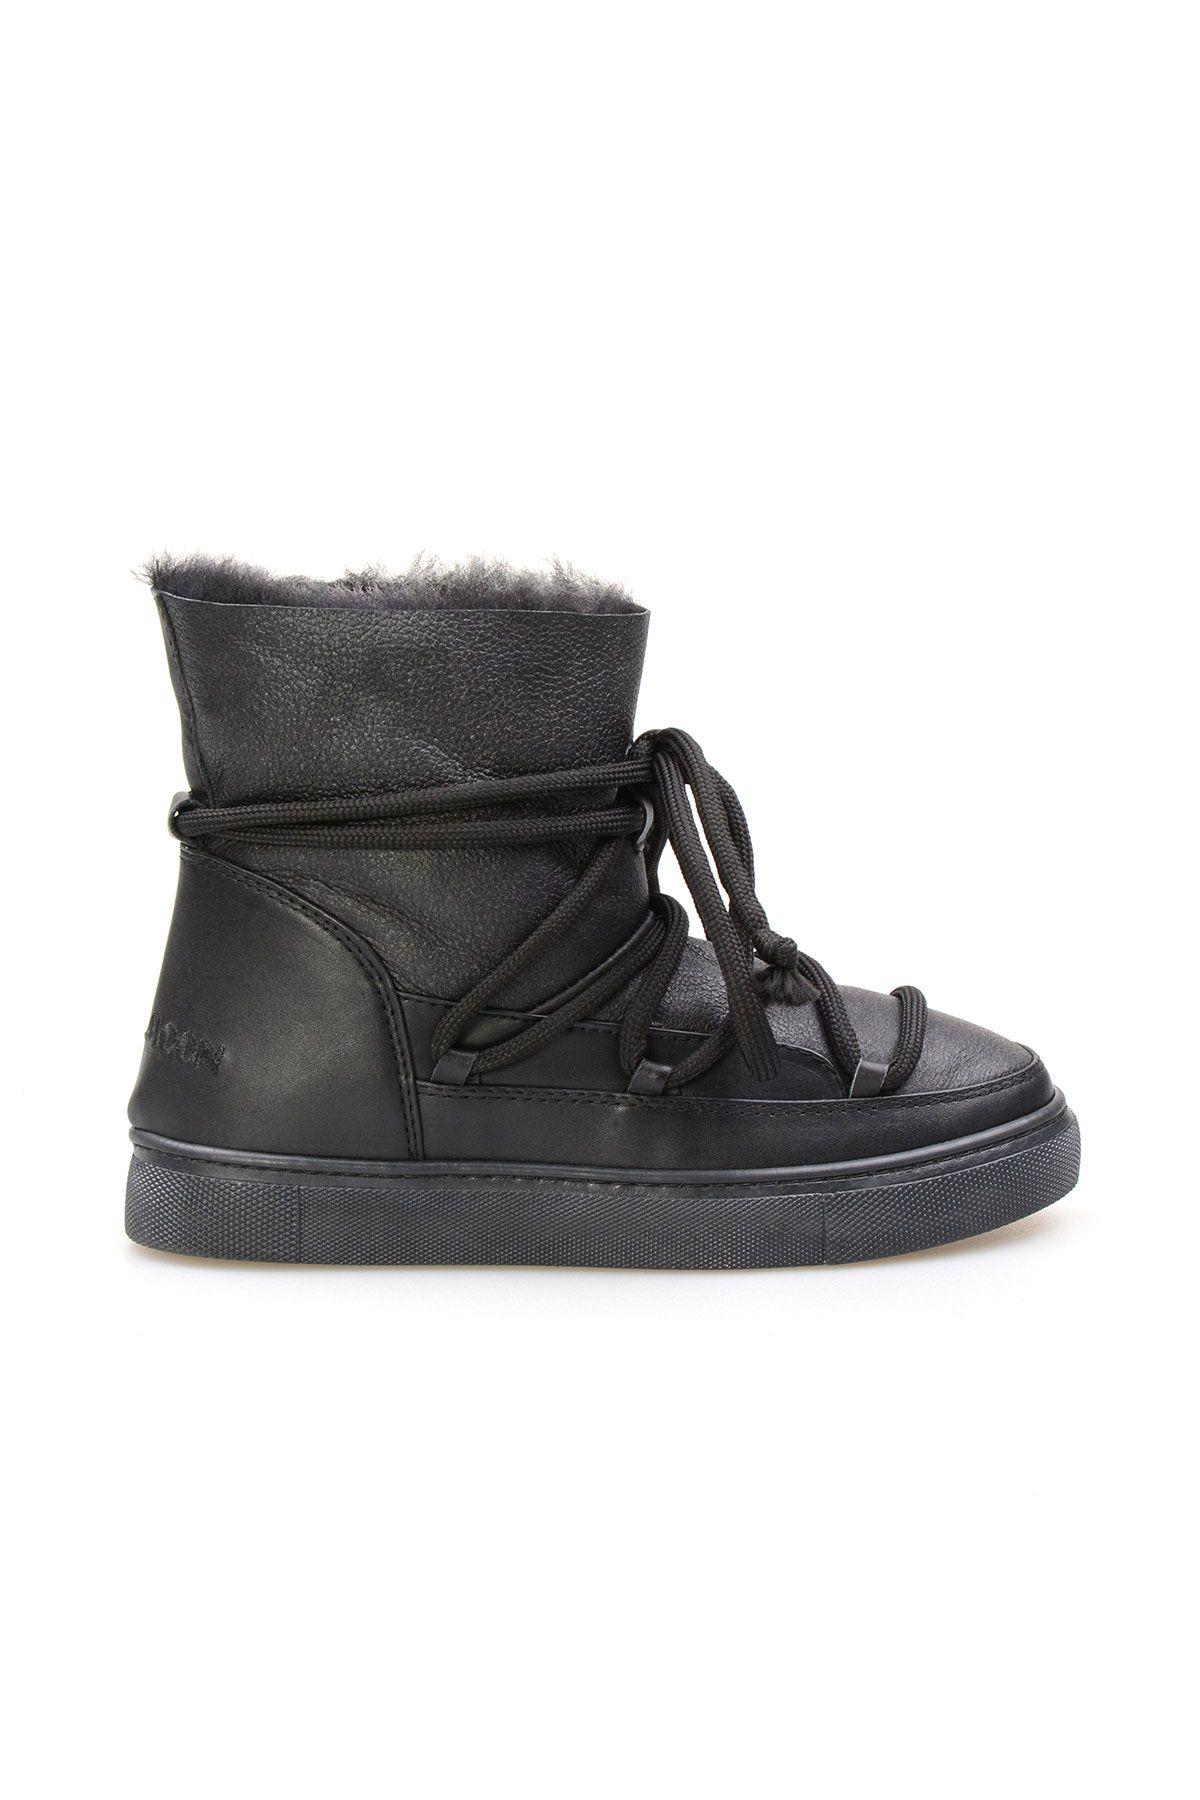 Cool Moon Genuine Shearling Lined Women's Sneaker 355056 Black